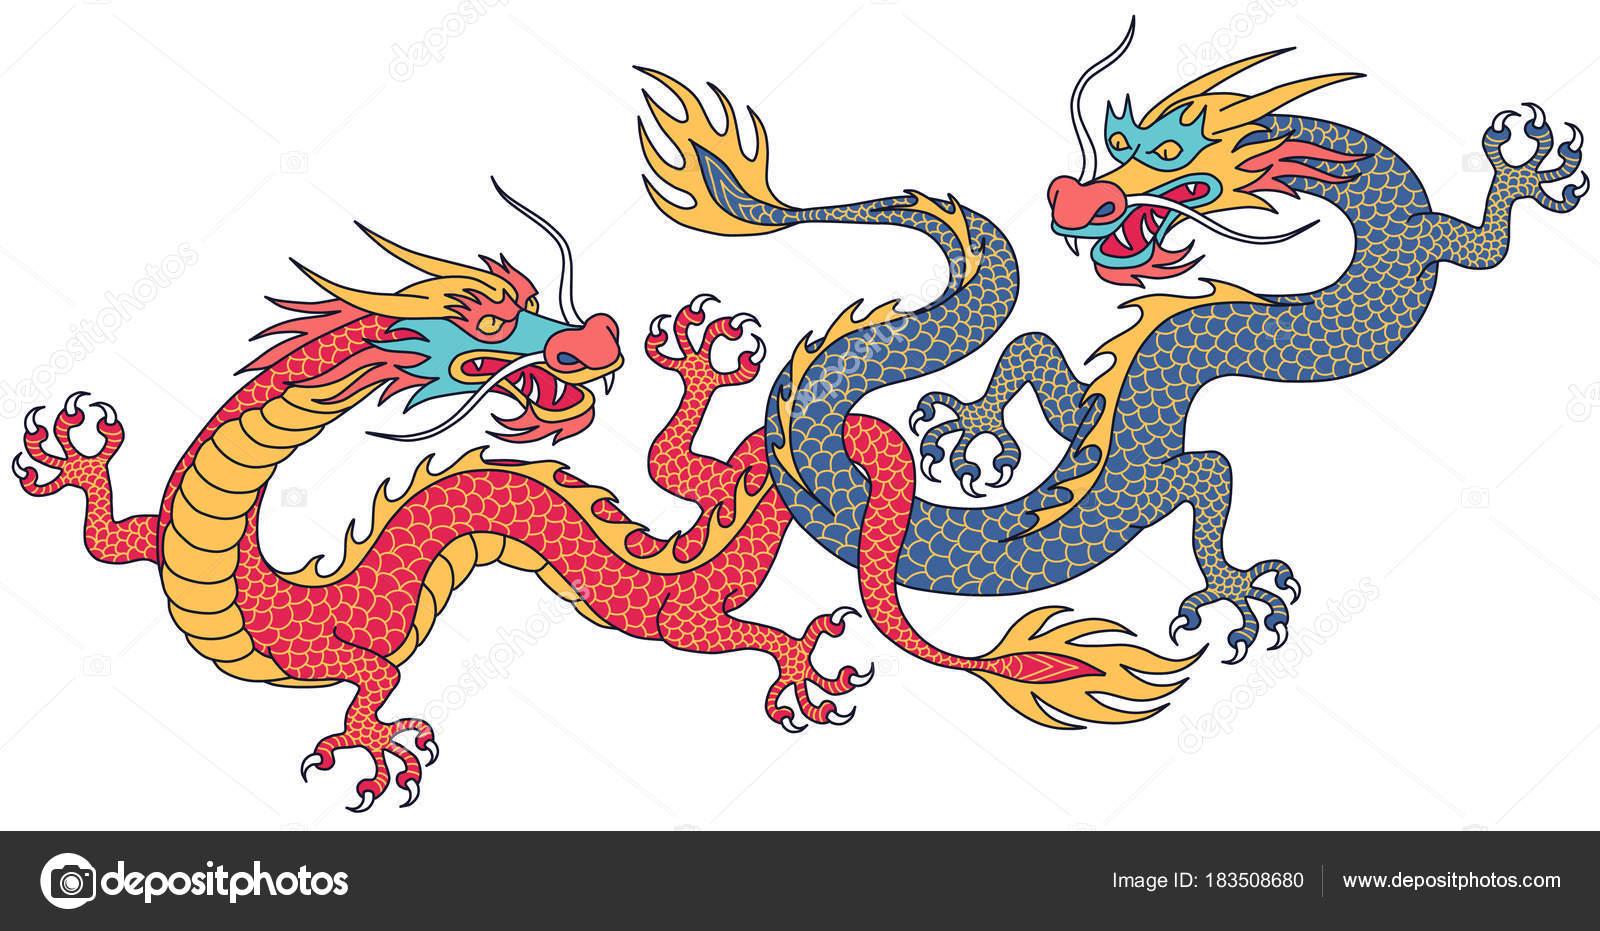 Dragones Chinos Dos Combates Personajes Dibujos Animados Aislados